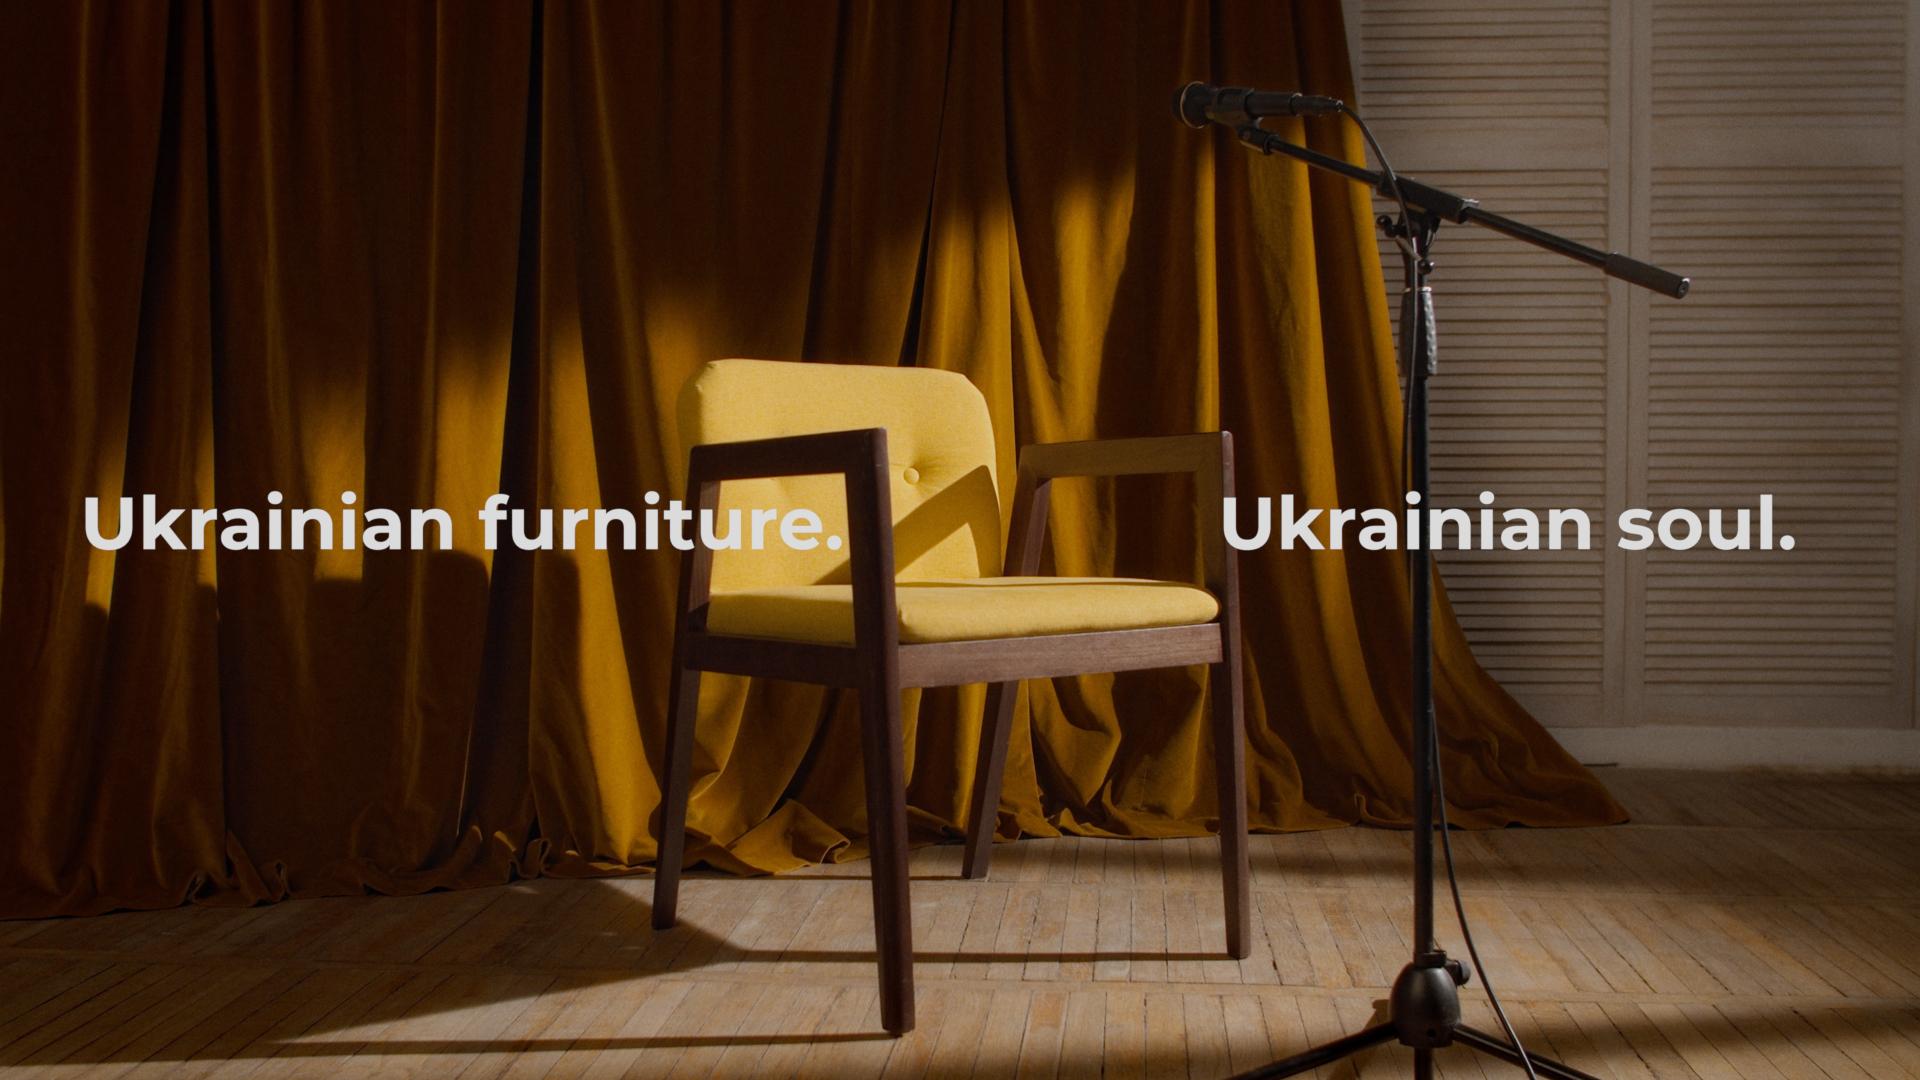 FURNITURE OF UKRAINE